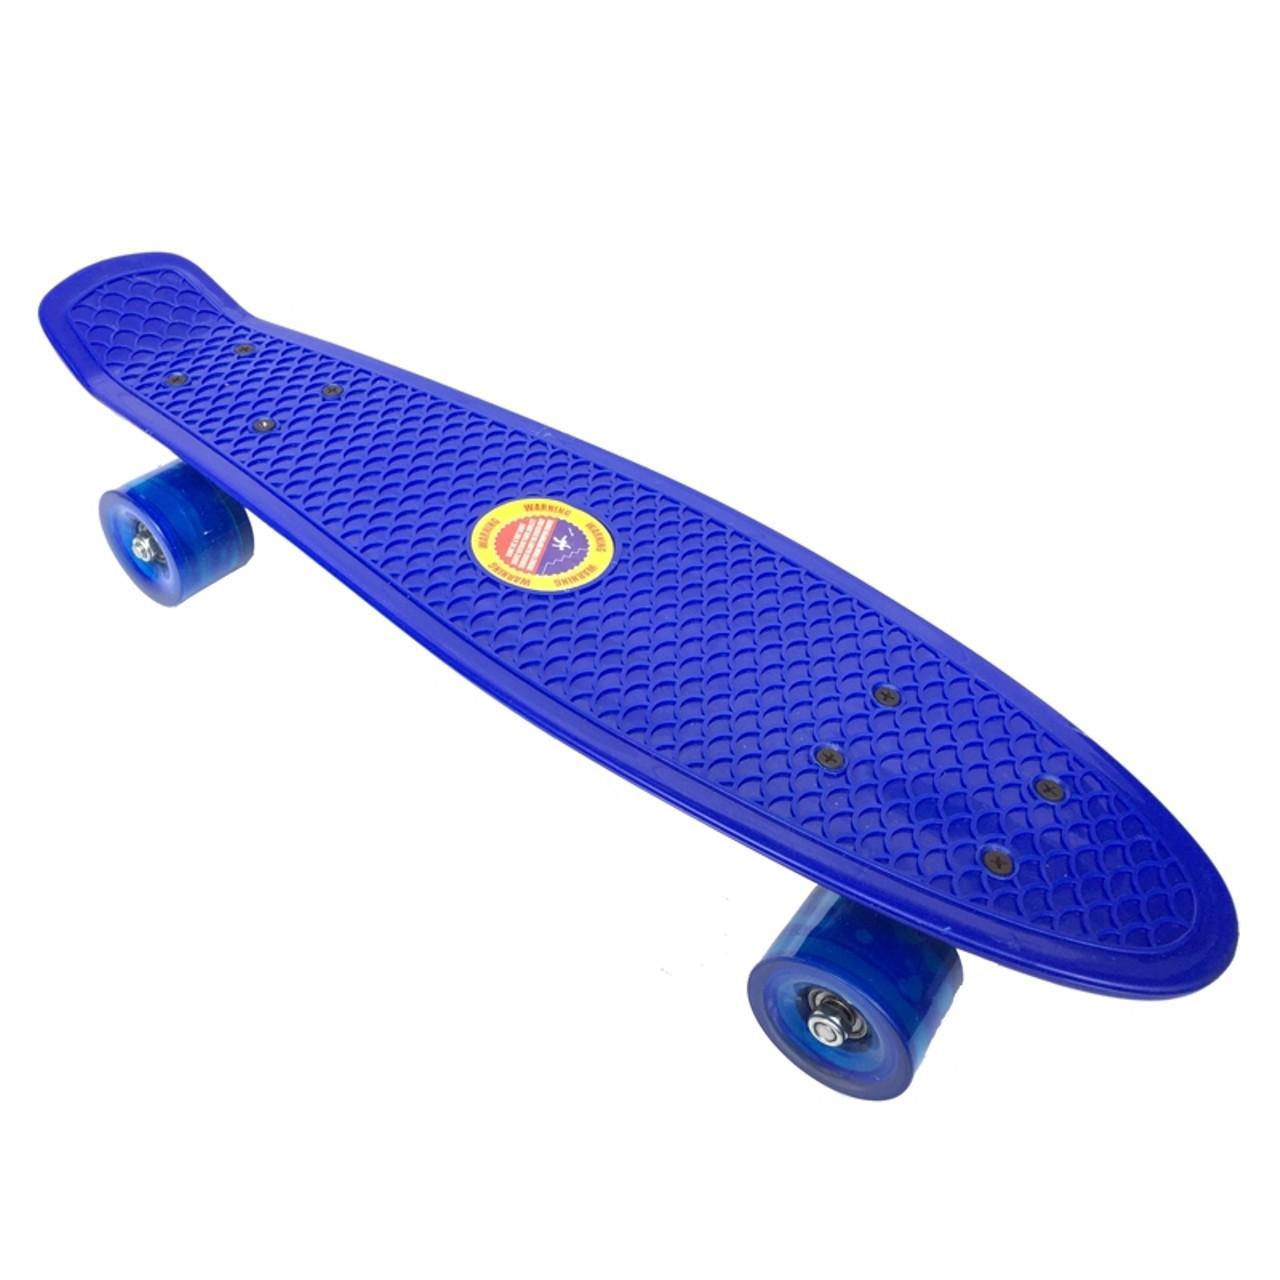 Mua Ván trượt Skateboard Penny thể thao siêu đẹp, không đèn (Màu ngẫu nhiên)